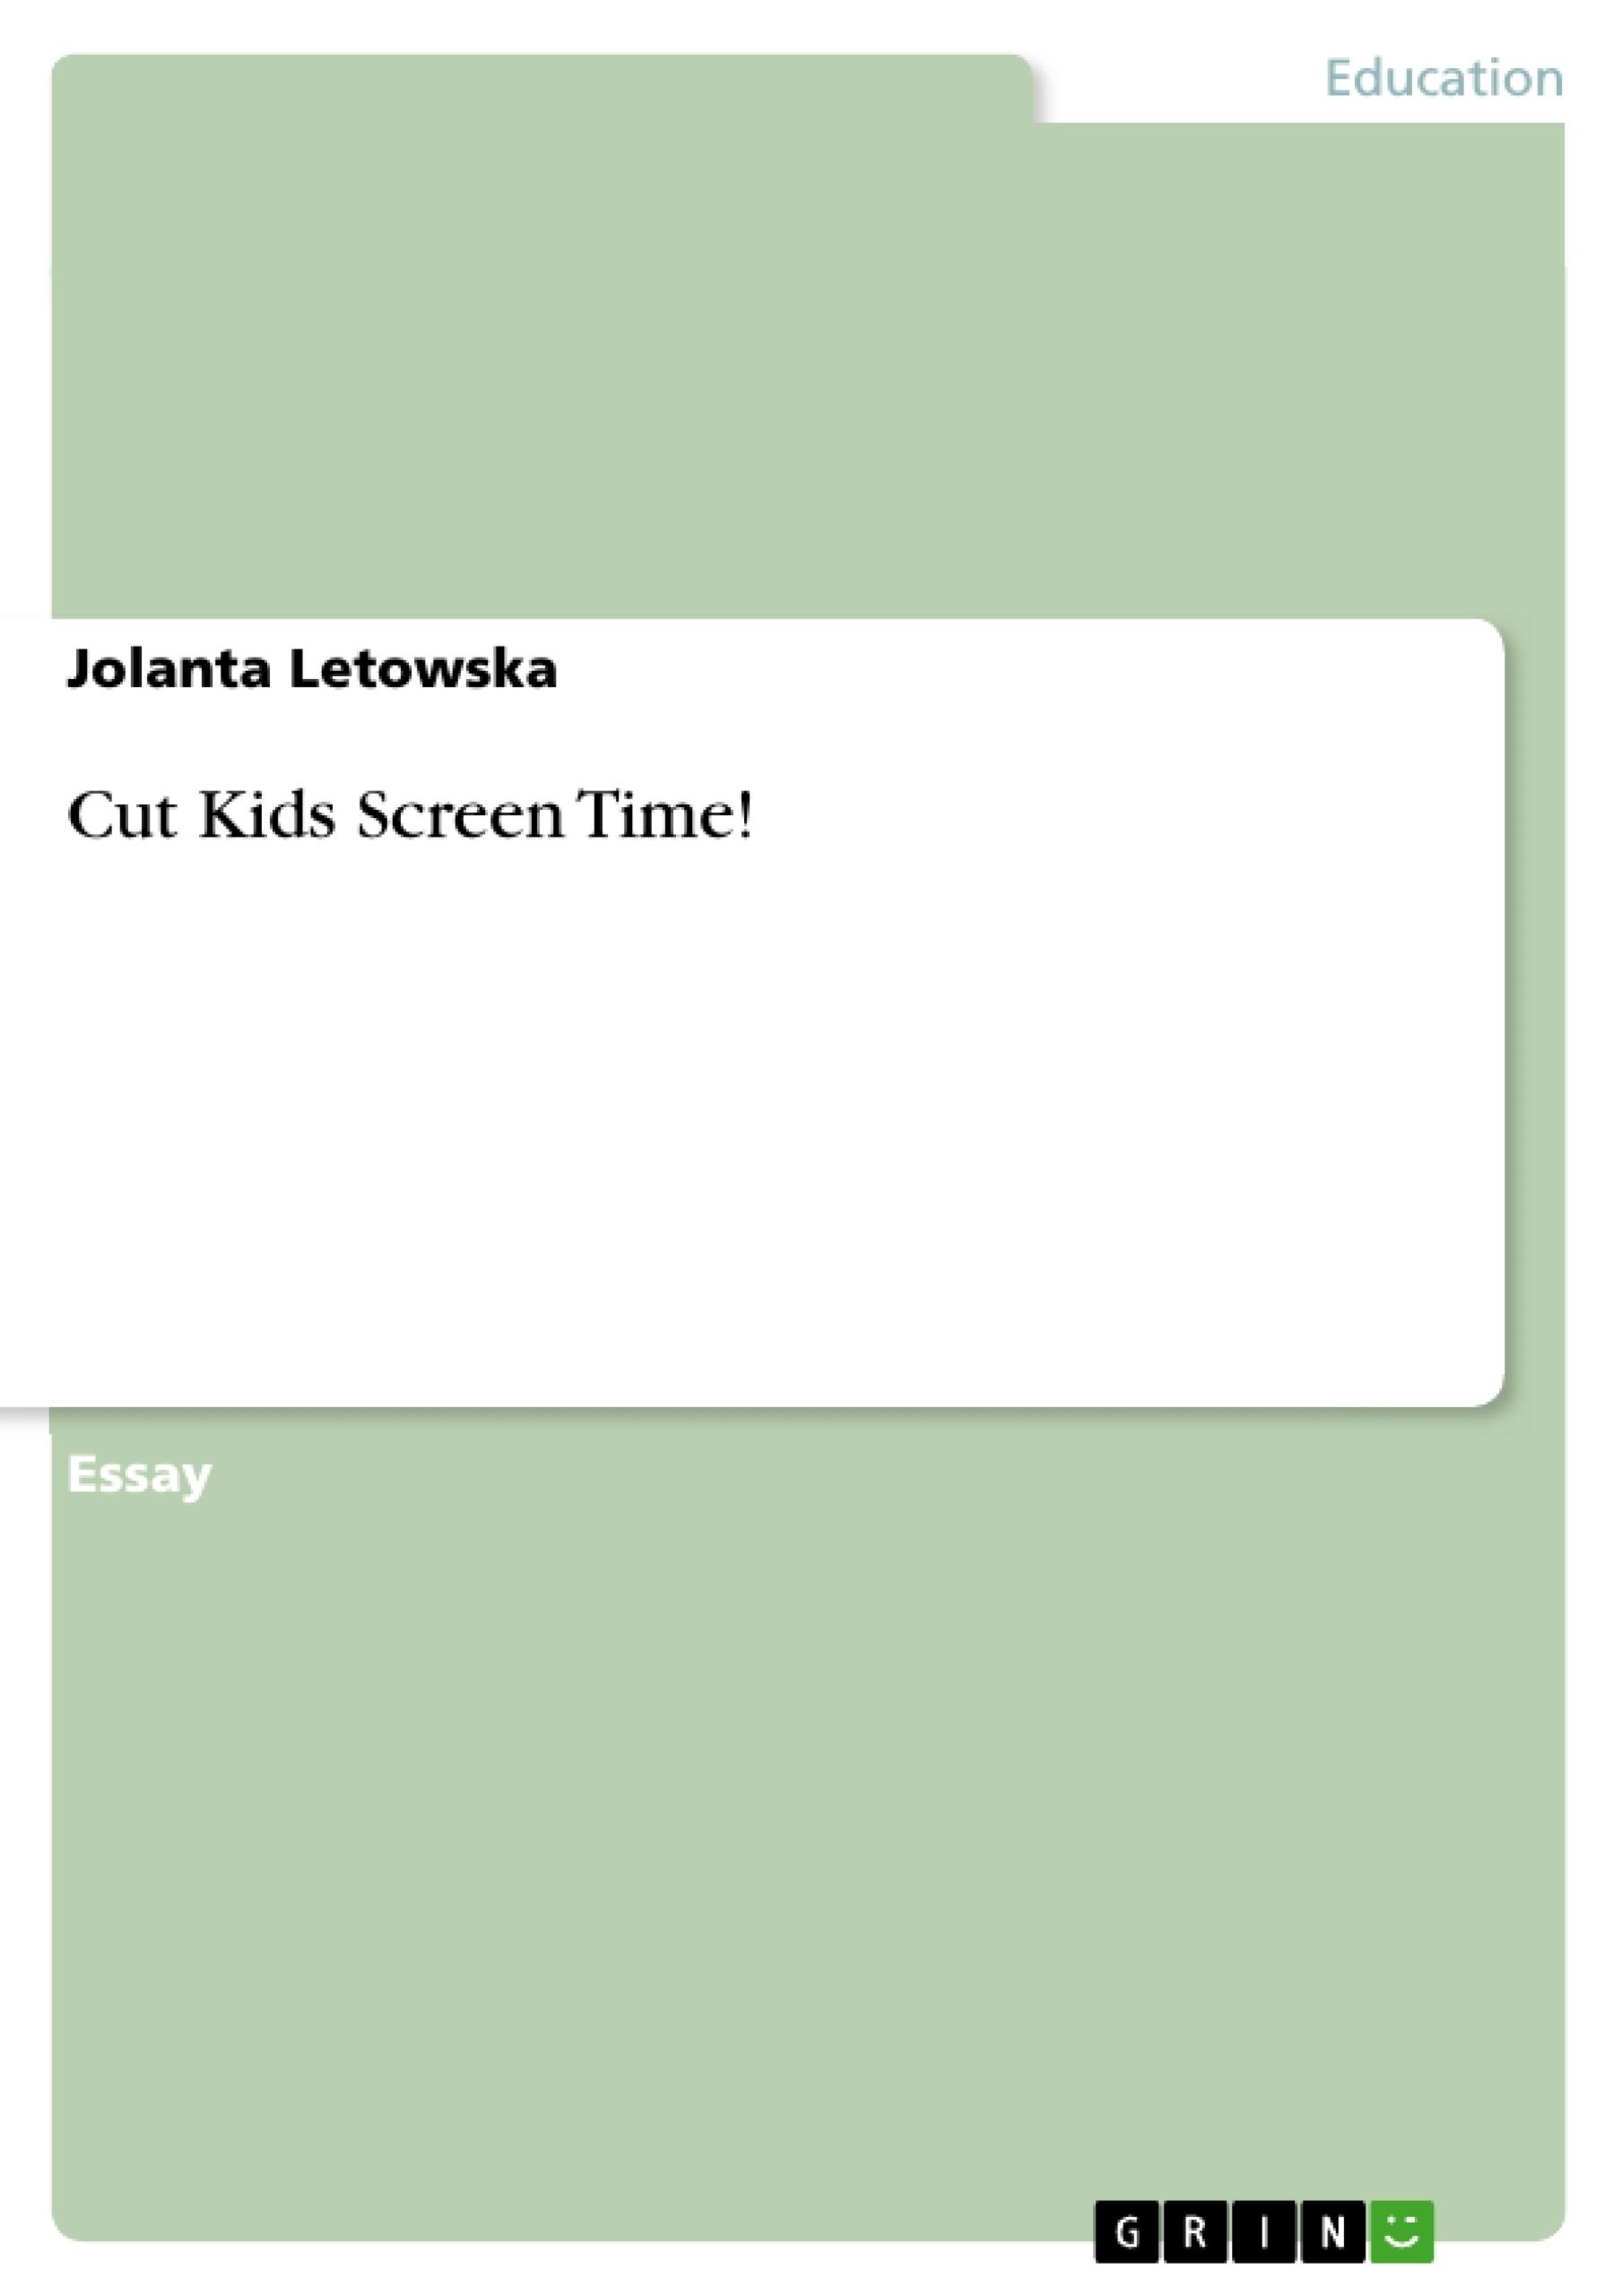 Title: Cut Kids Screen Time!